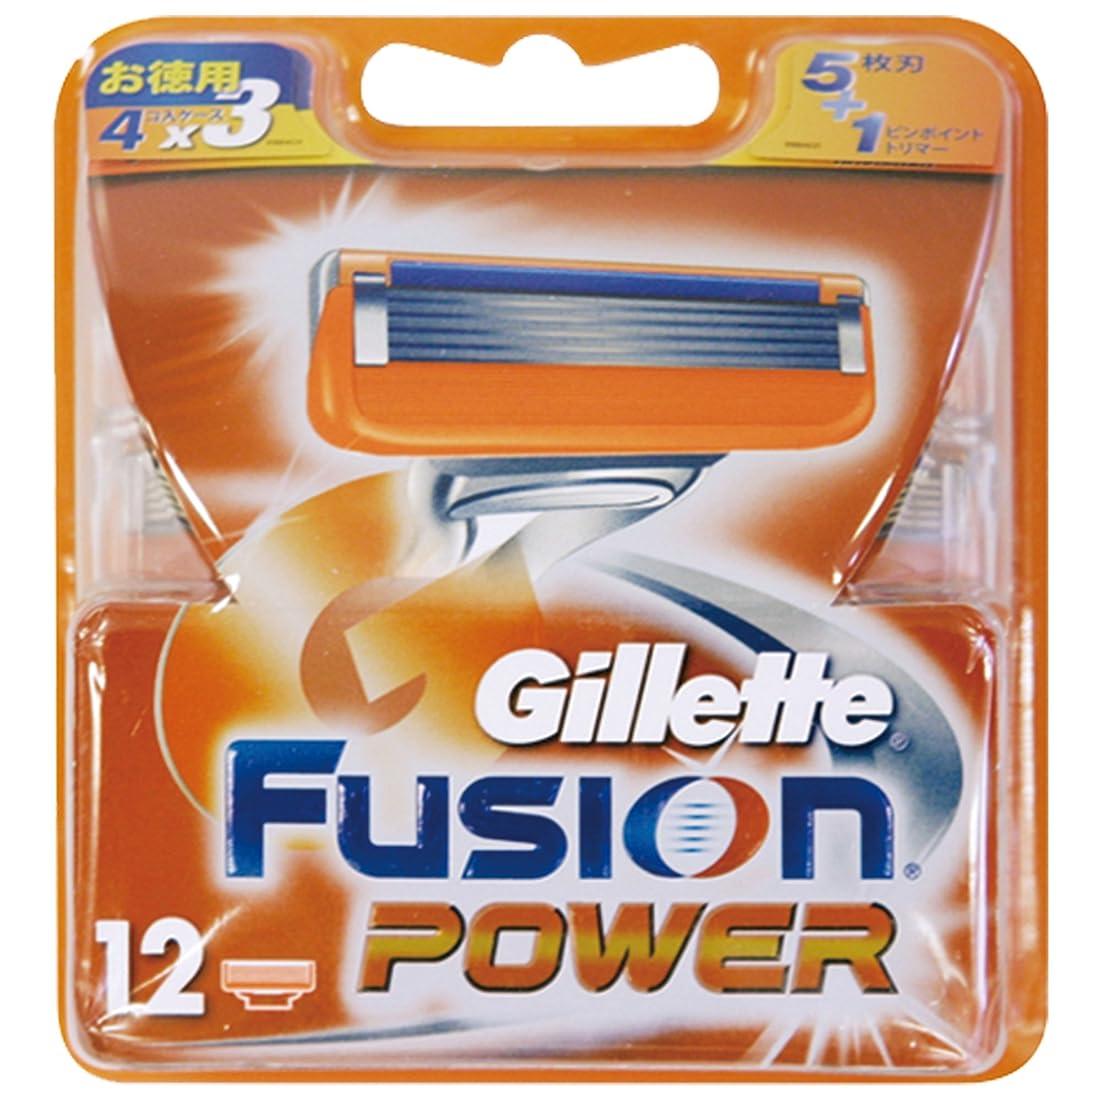 打ち上げる有害気質ジレット 髭剃り フュージョン 5+1 パワー 替刃12個入